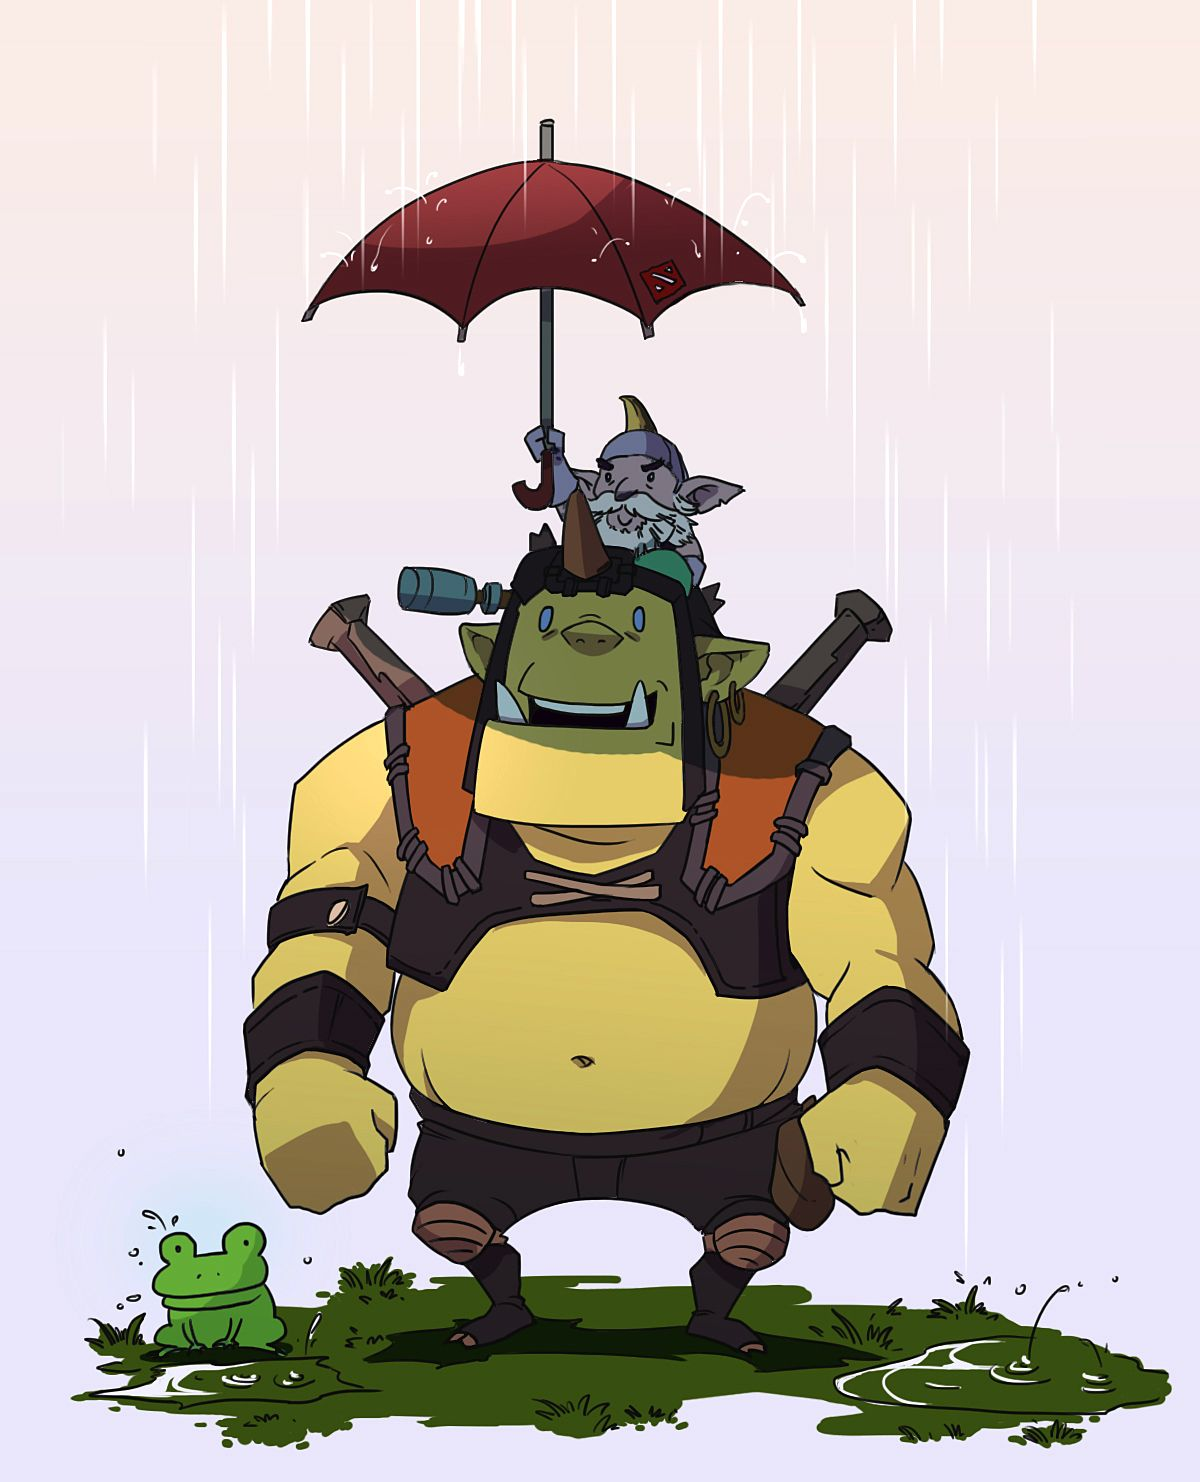 dota2 in the rain by biggreenpepper deviantart com on deviantart